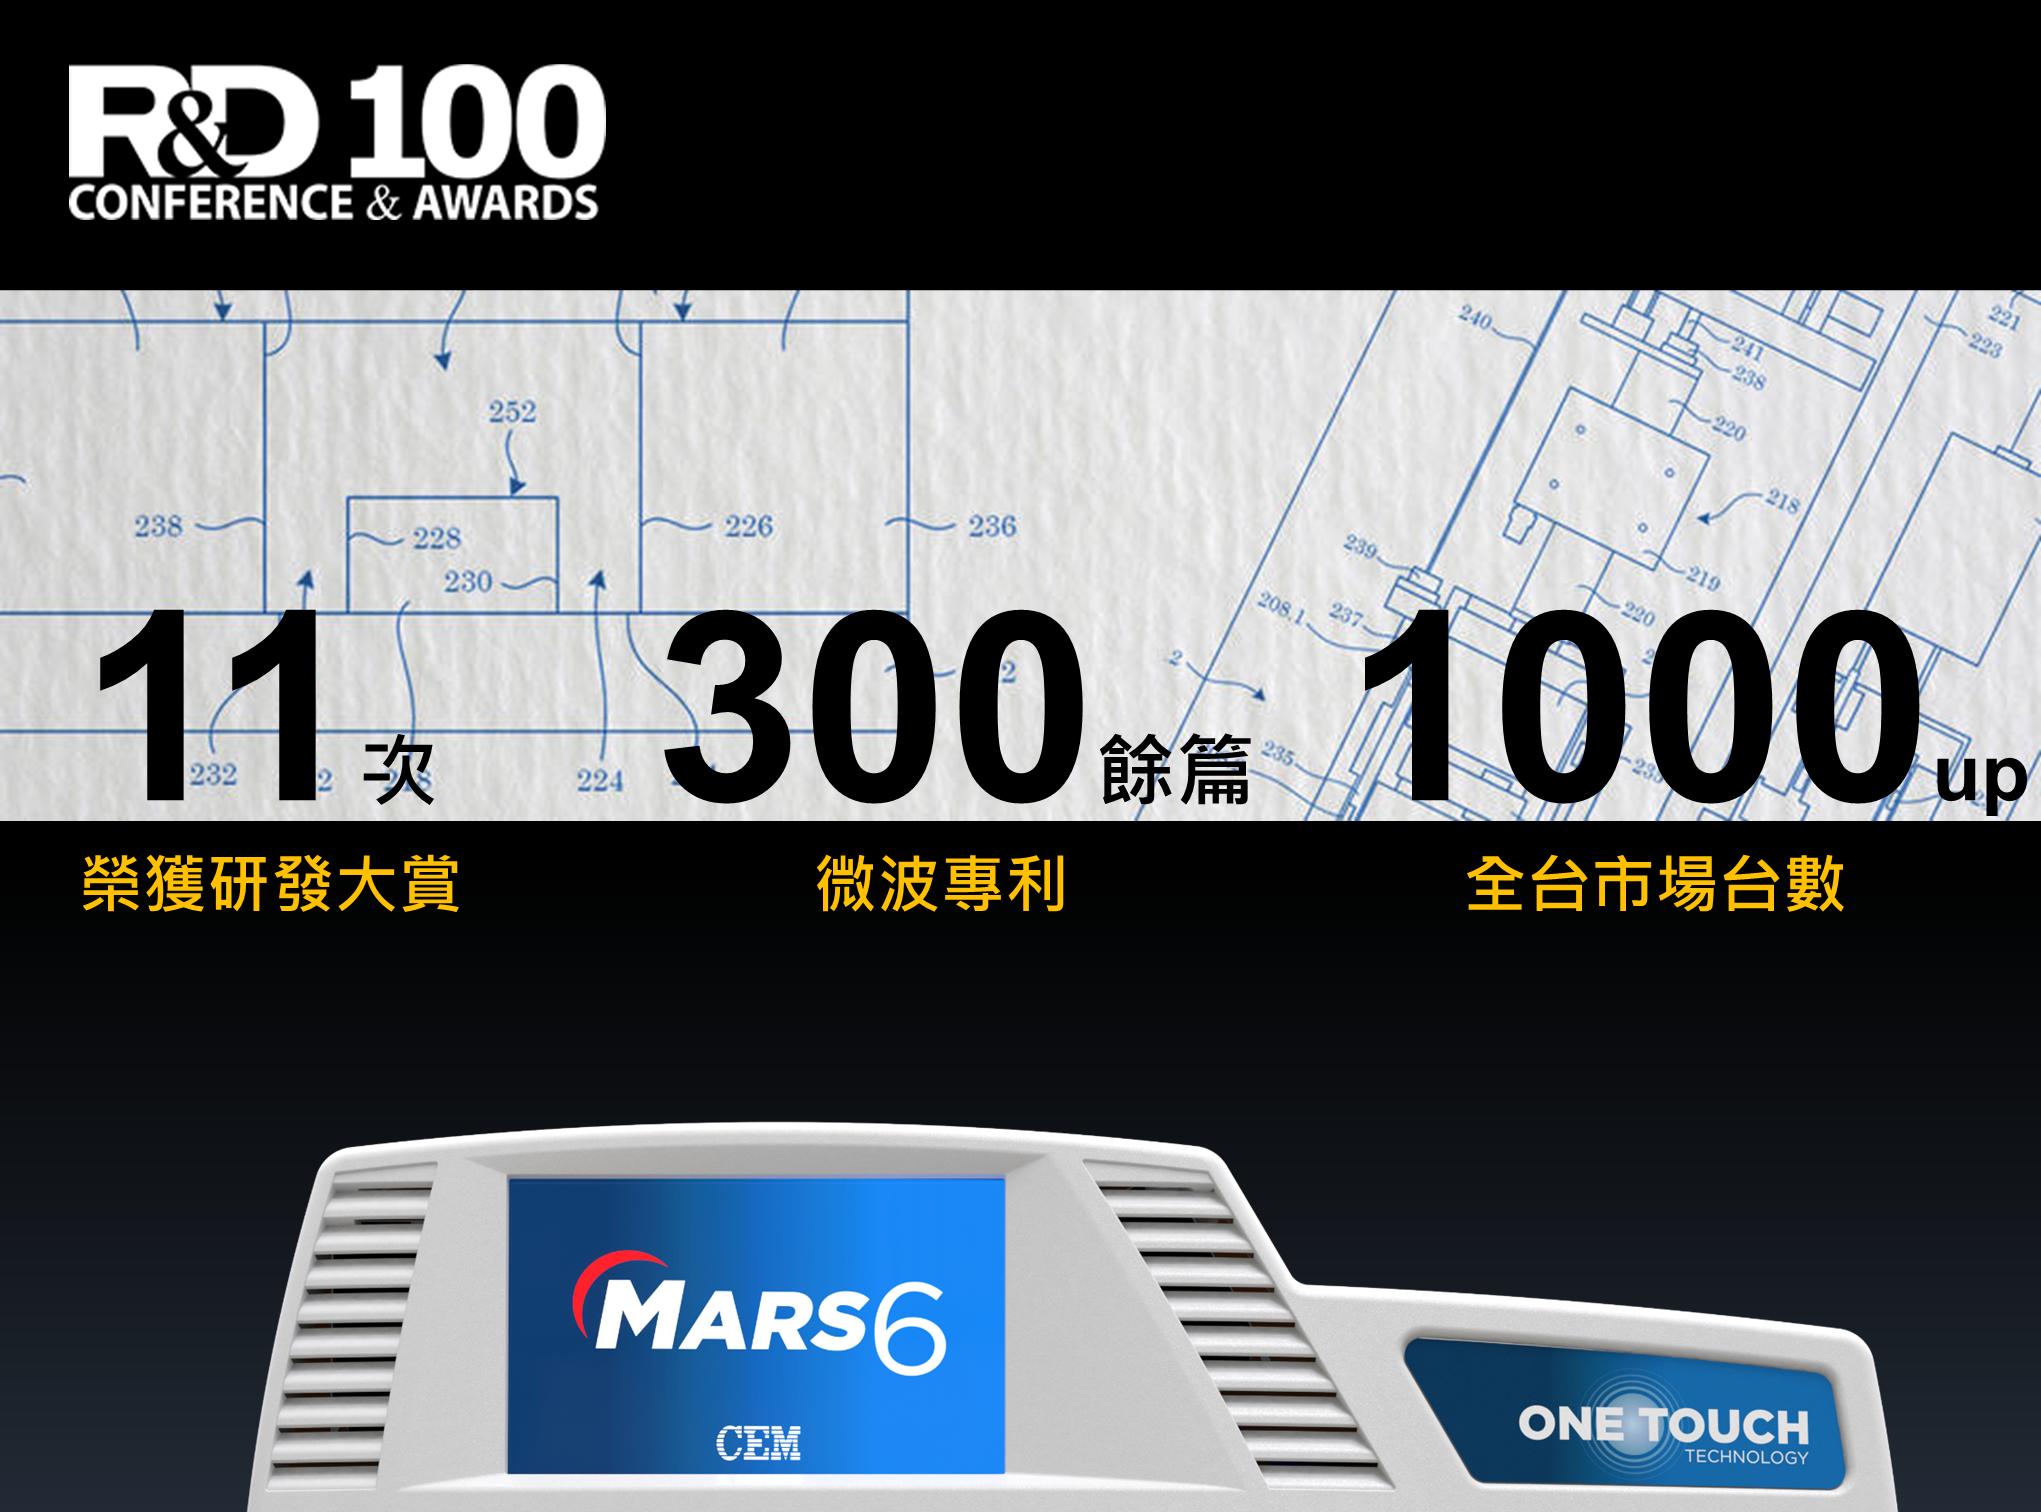 CEM MARS R&D 100 獲獎 銷售冠軍 專利之冠